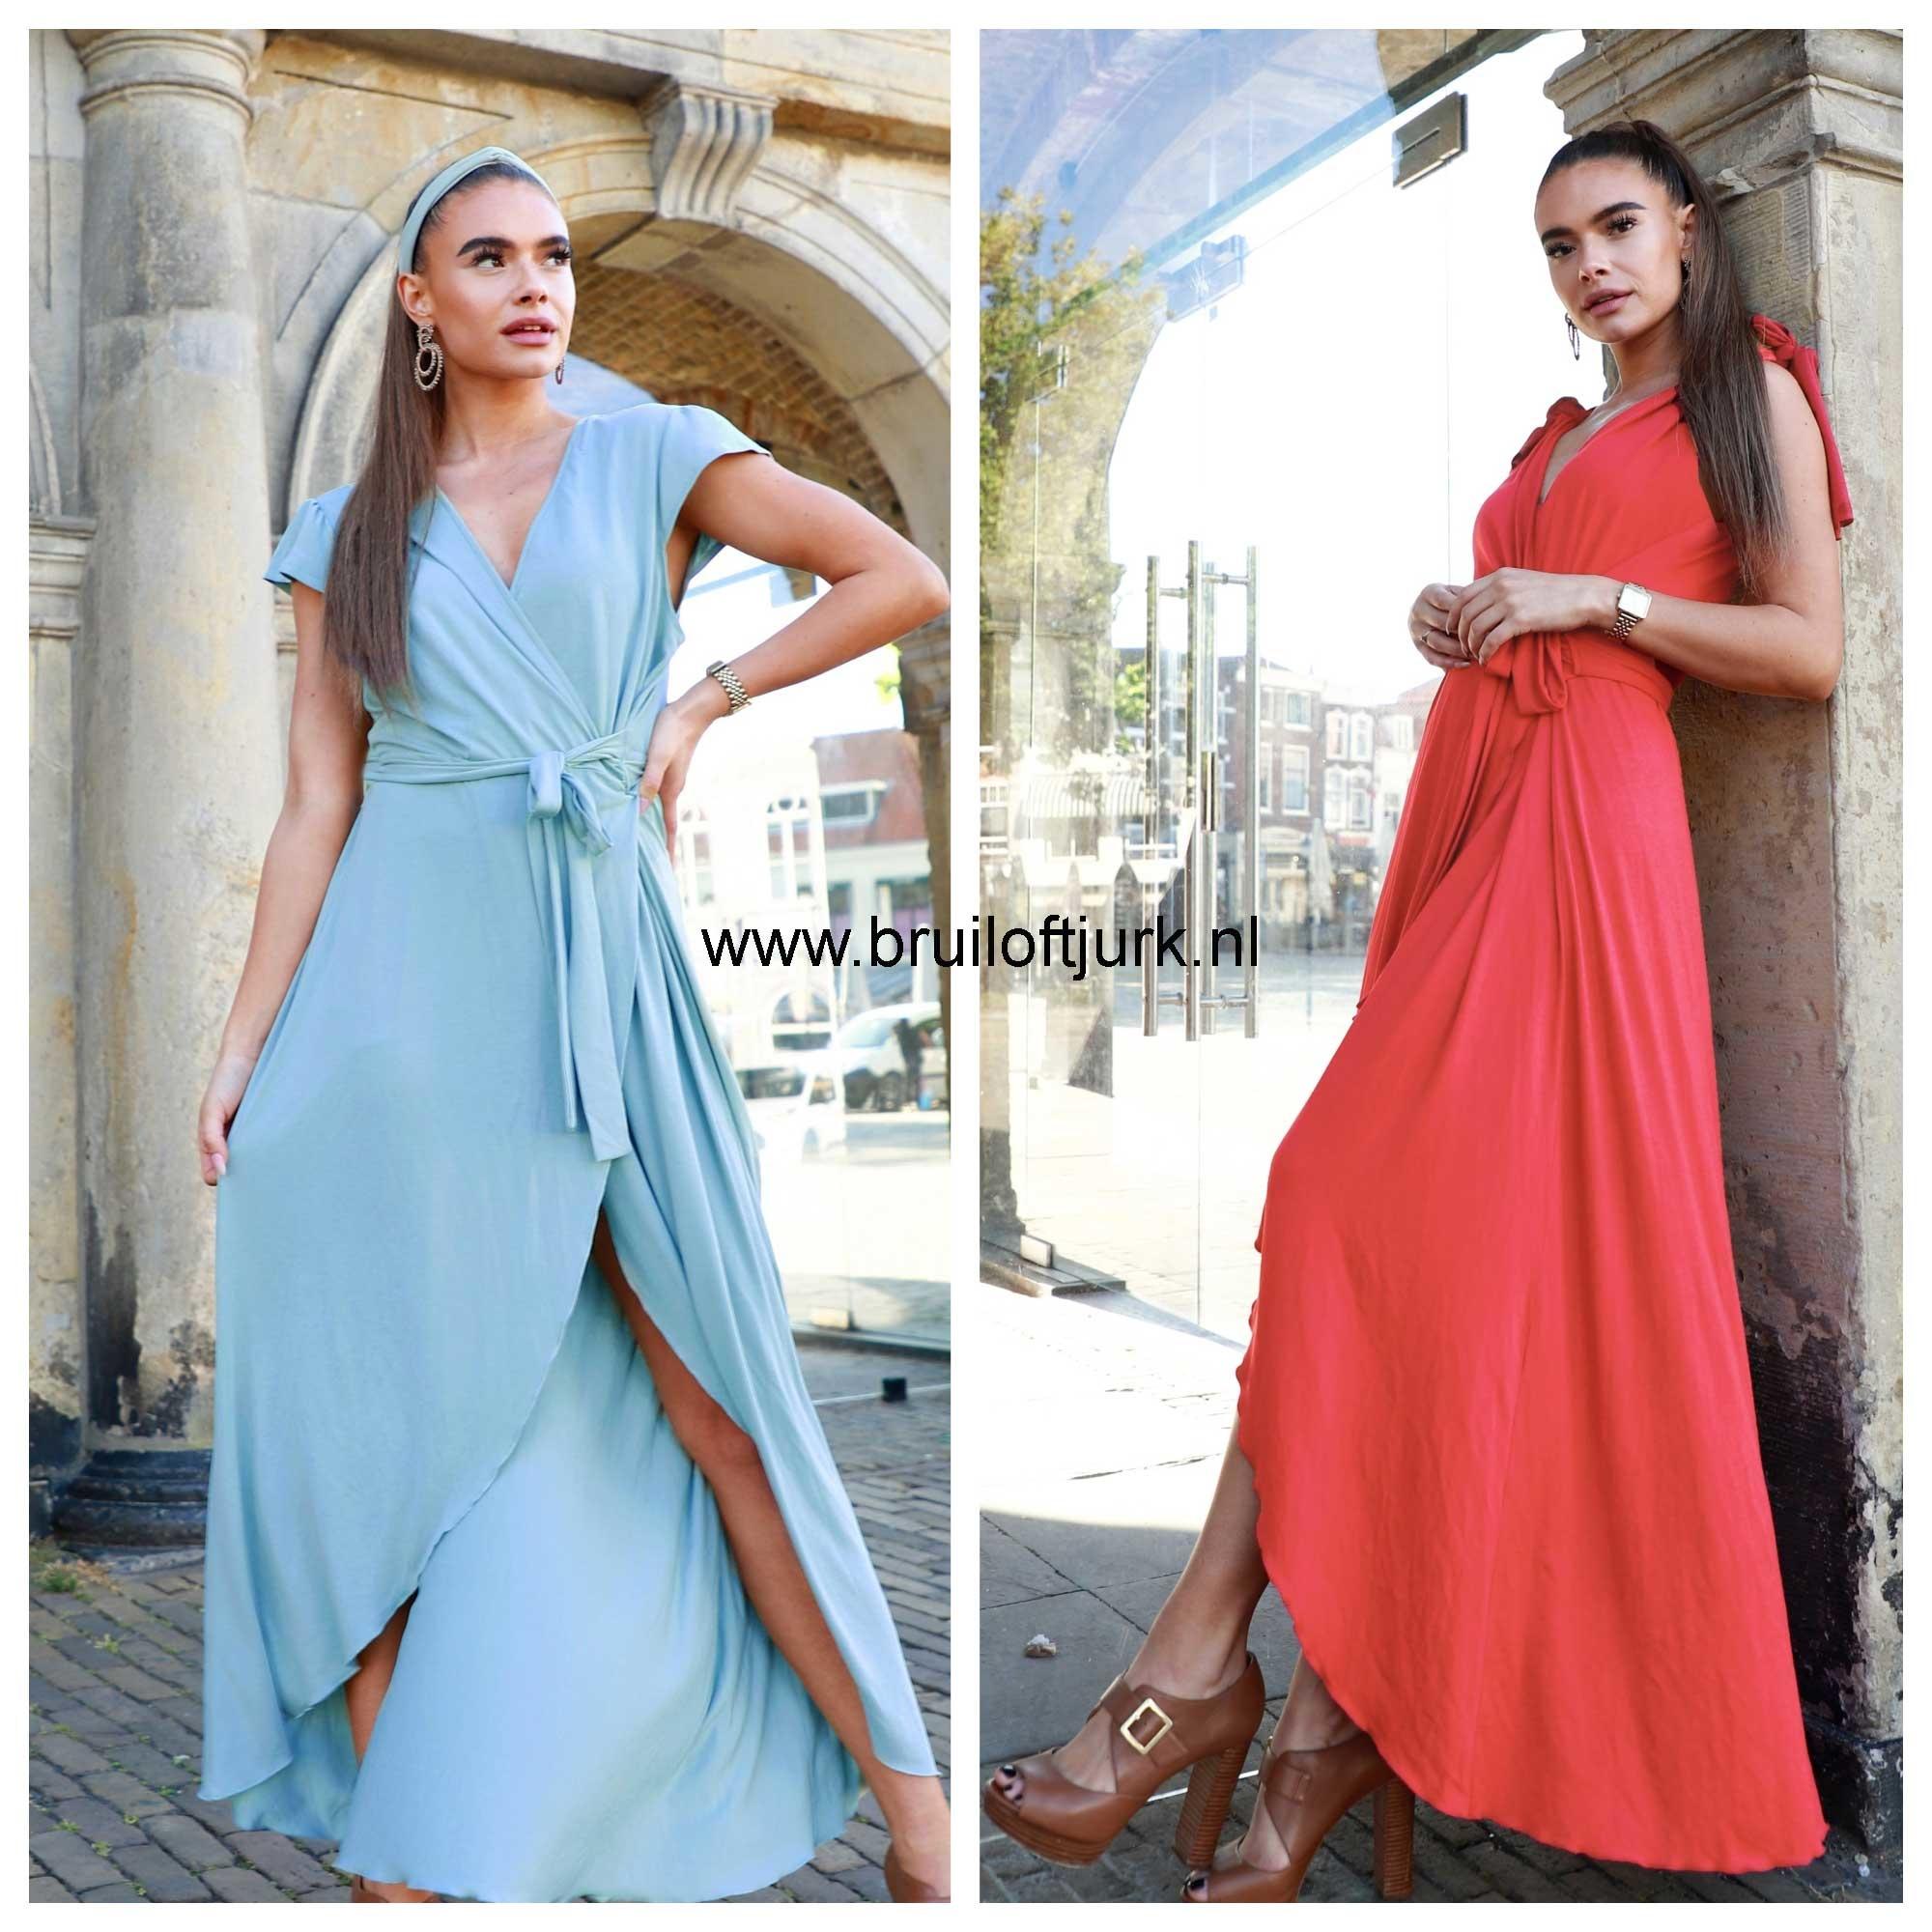 Bruiloft - Dresscode Summer Chic - Outfit